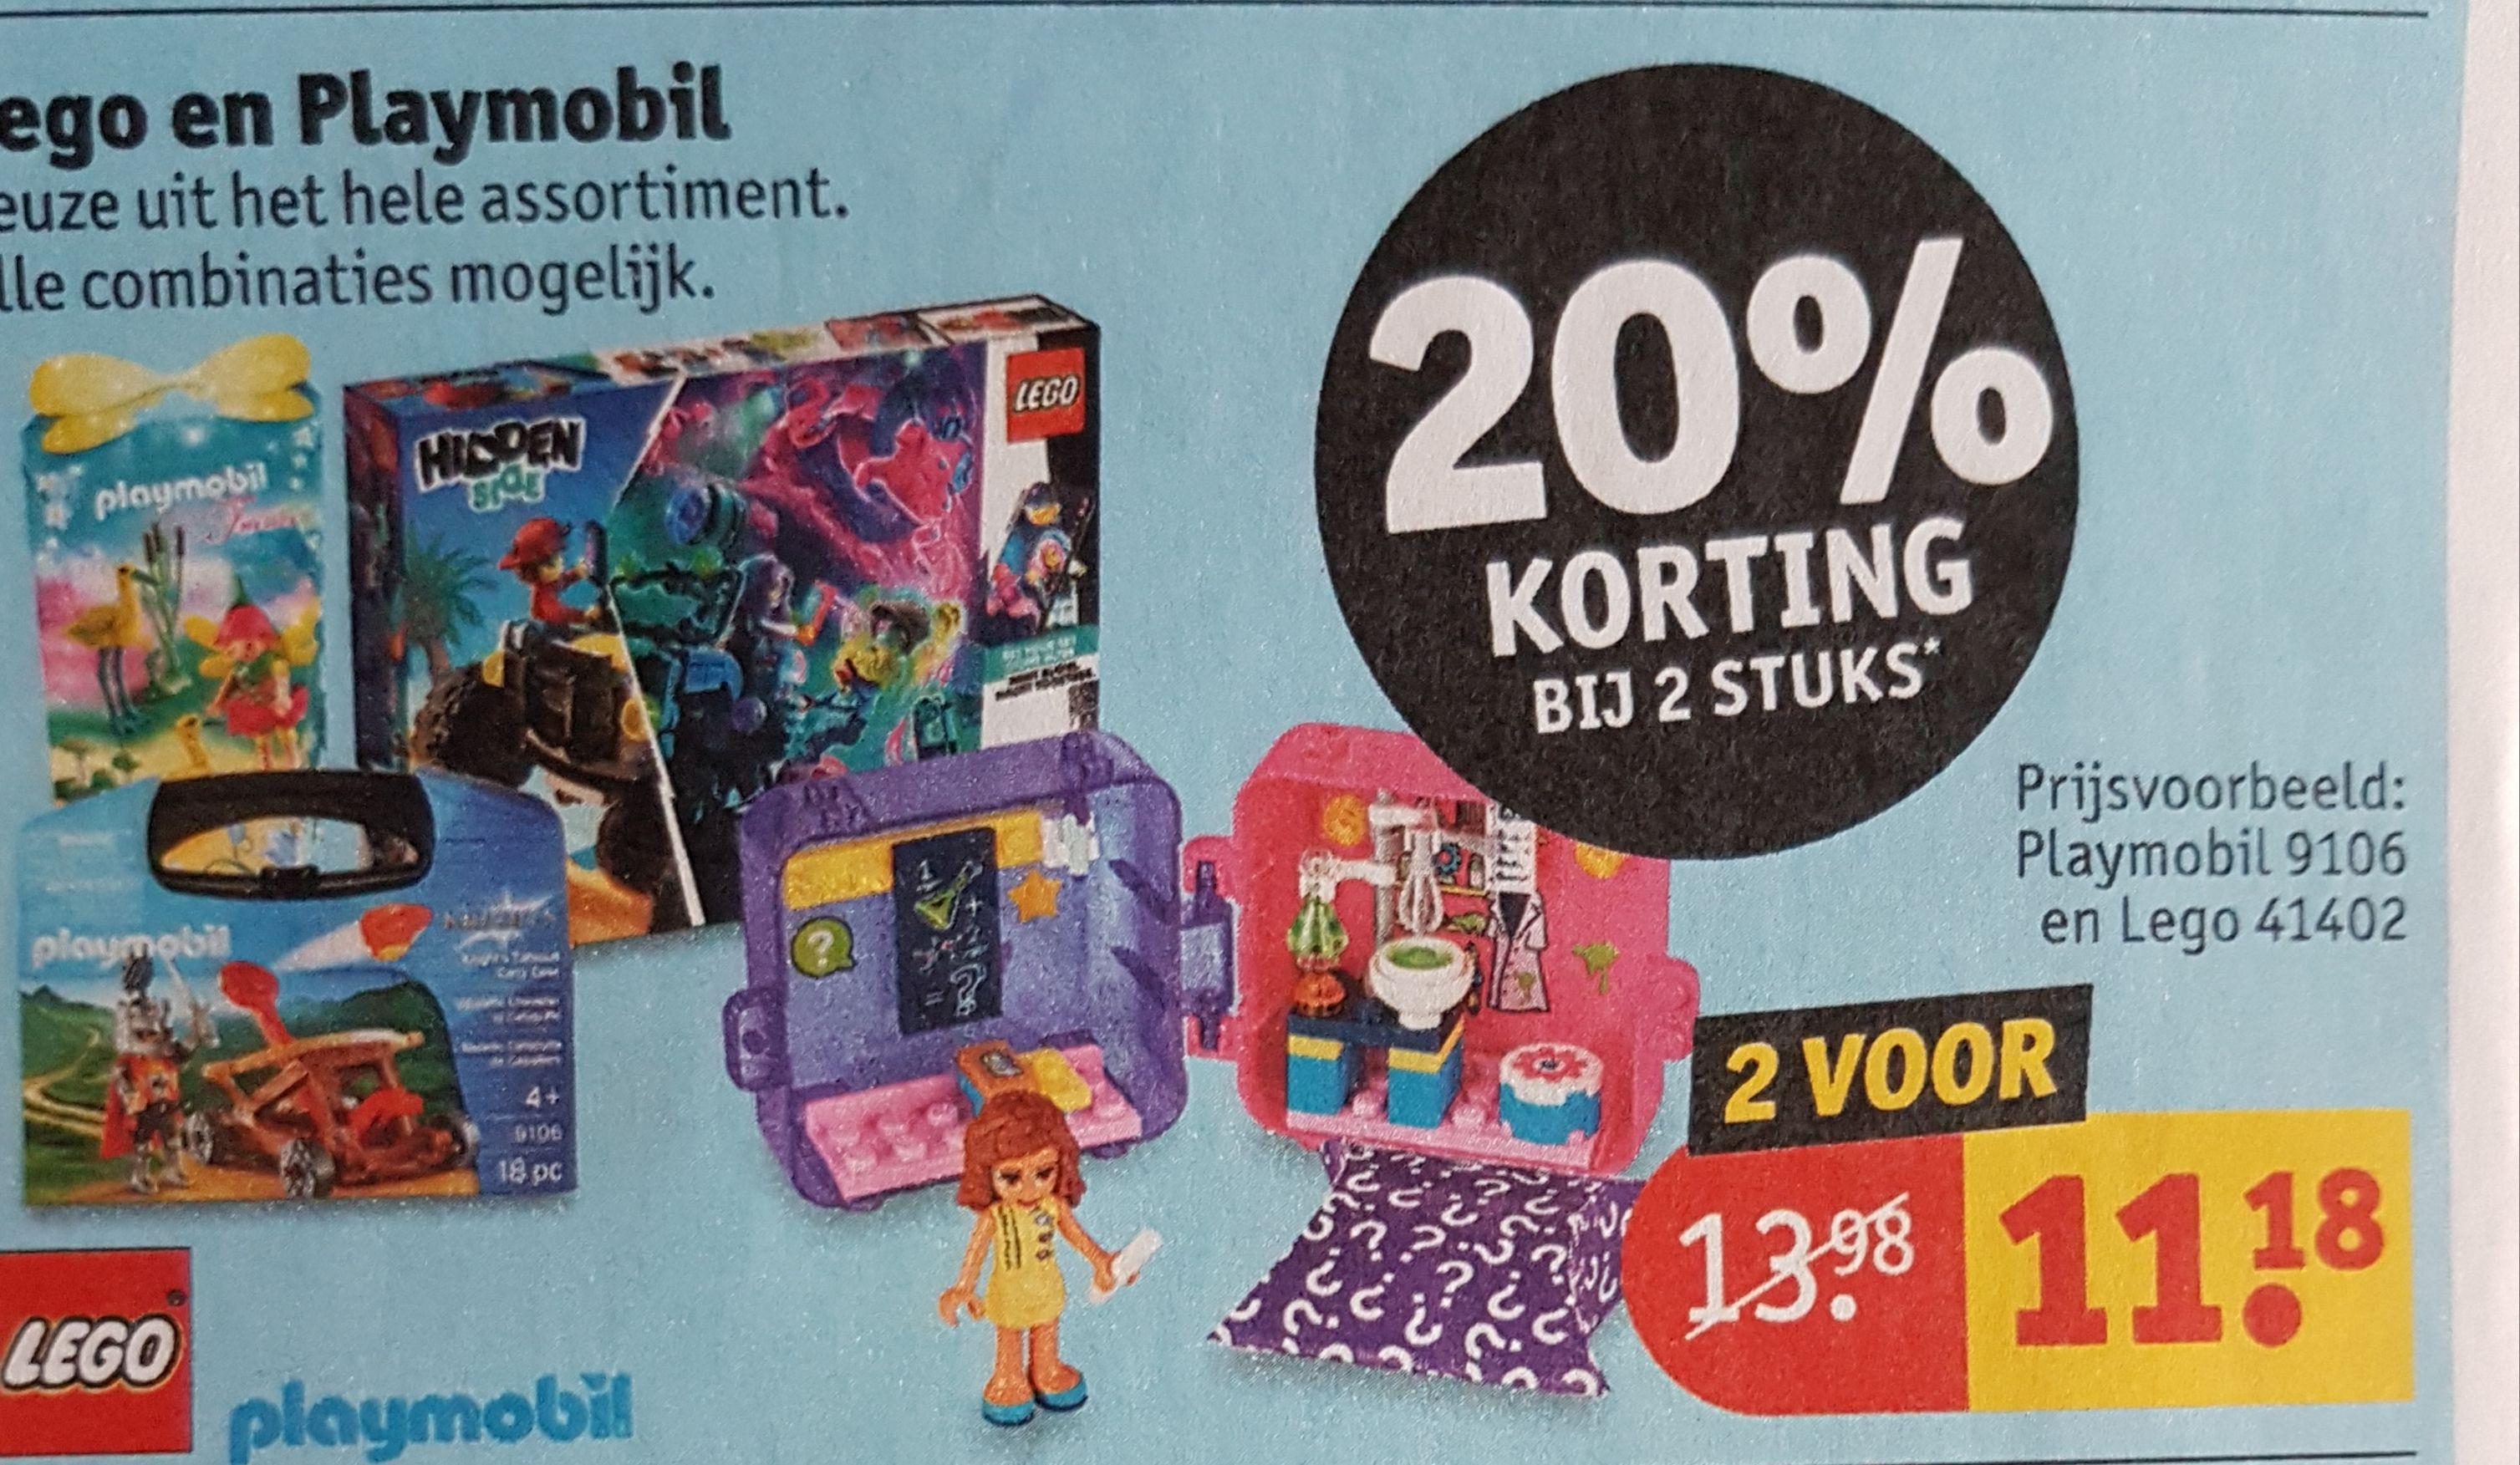 Bij aankoop van 2 artikelen playmobil en of lego 20% korting